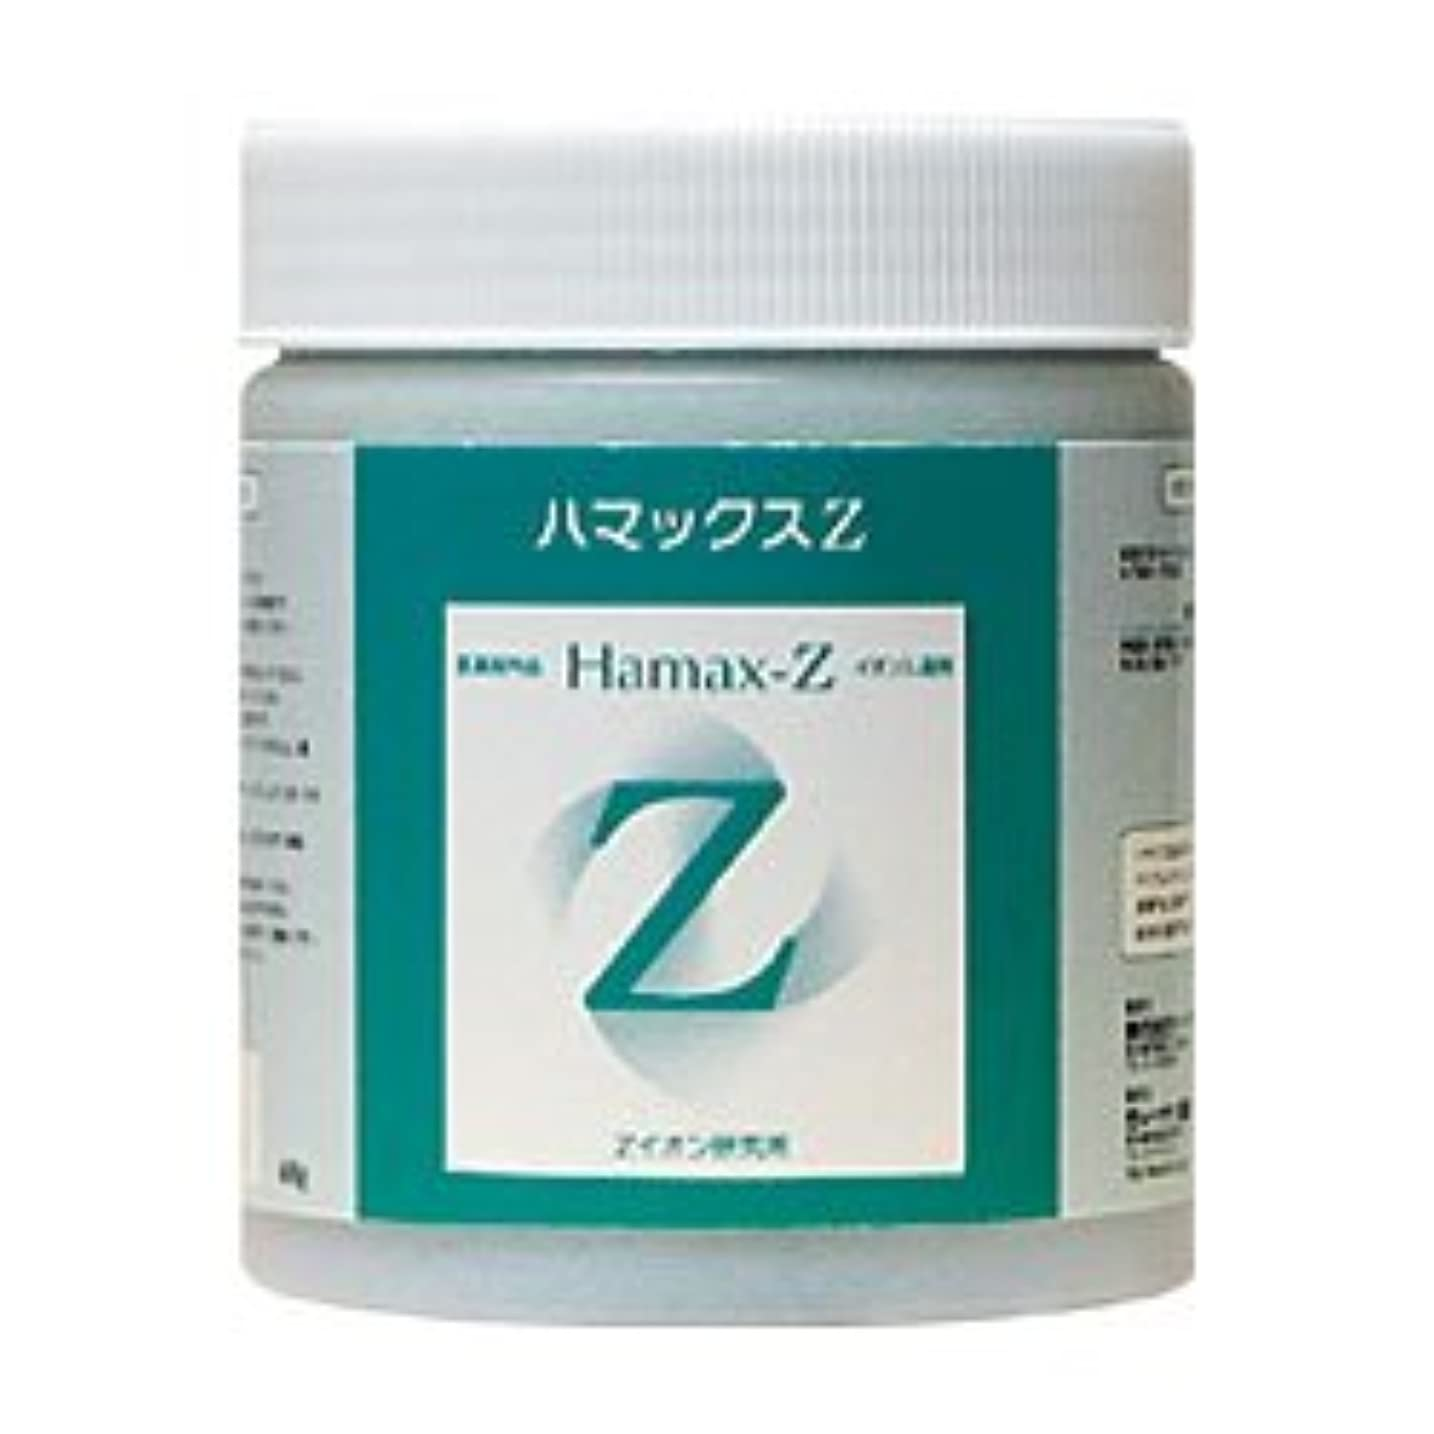 分析的視力キャンバス医薬部外品 イオン入湯剤ハマックスZ 400g